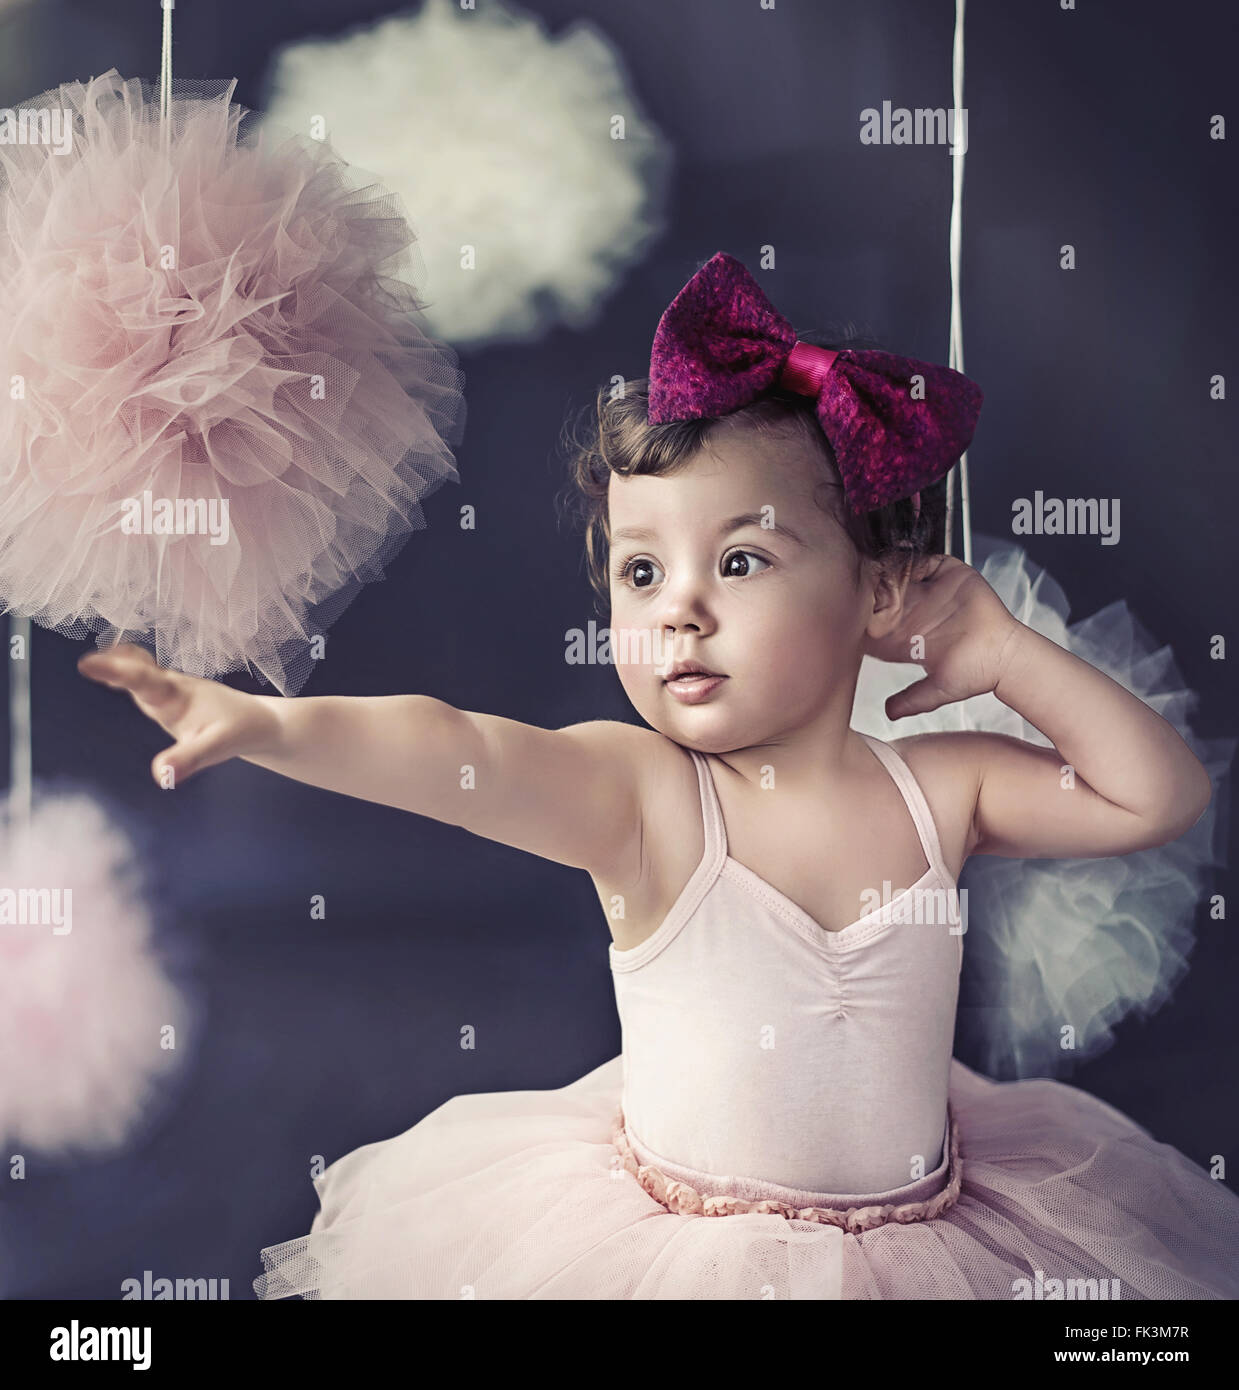 Porträt eines schönen Babys tragen eine rote polnische Band Stockbild